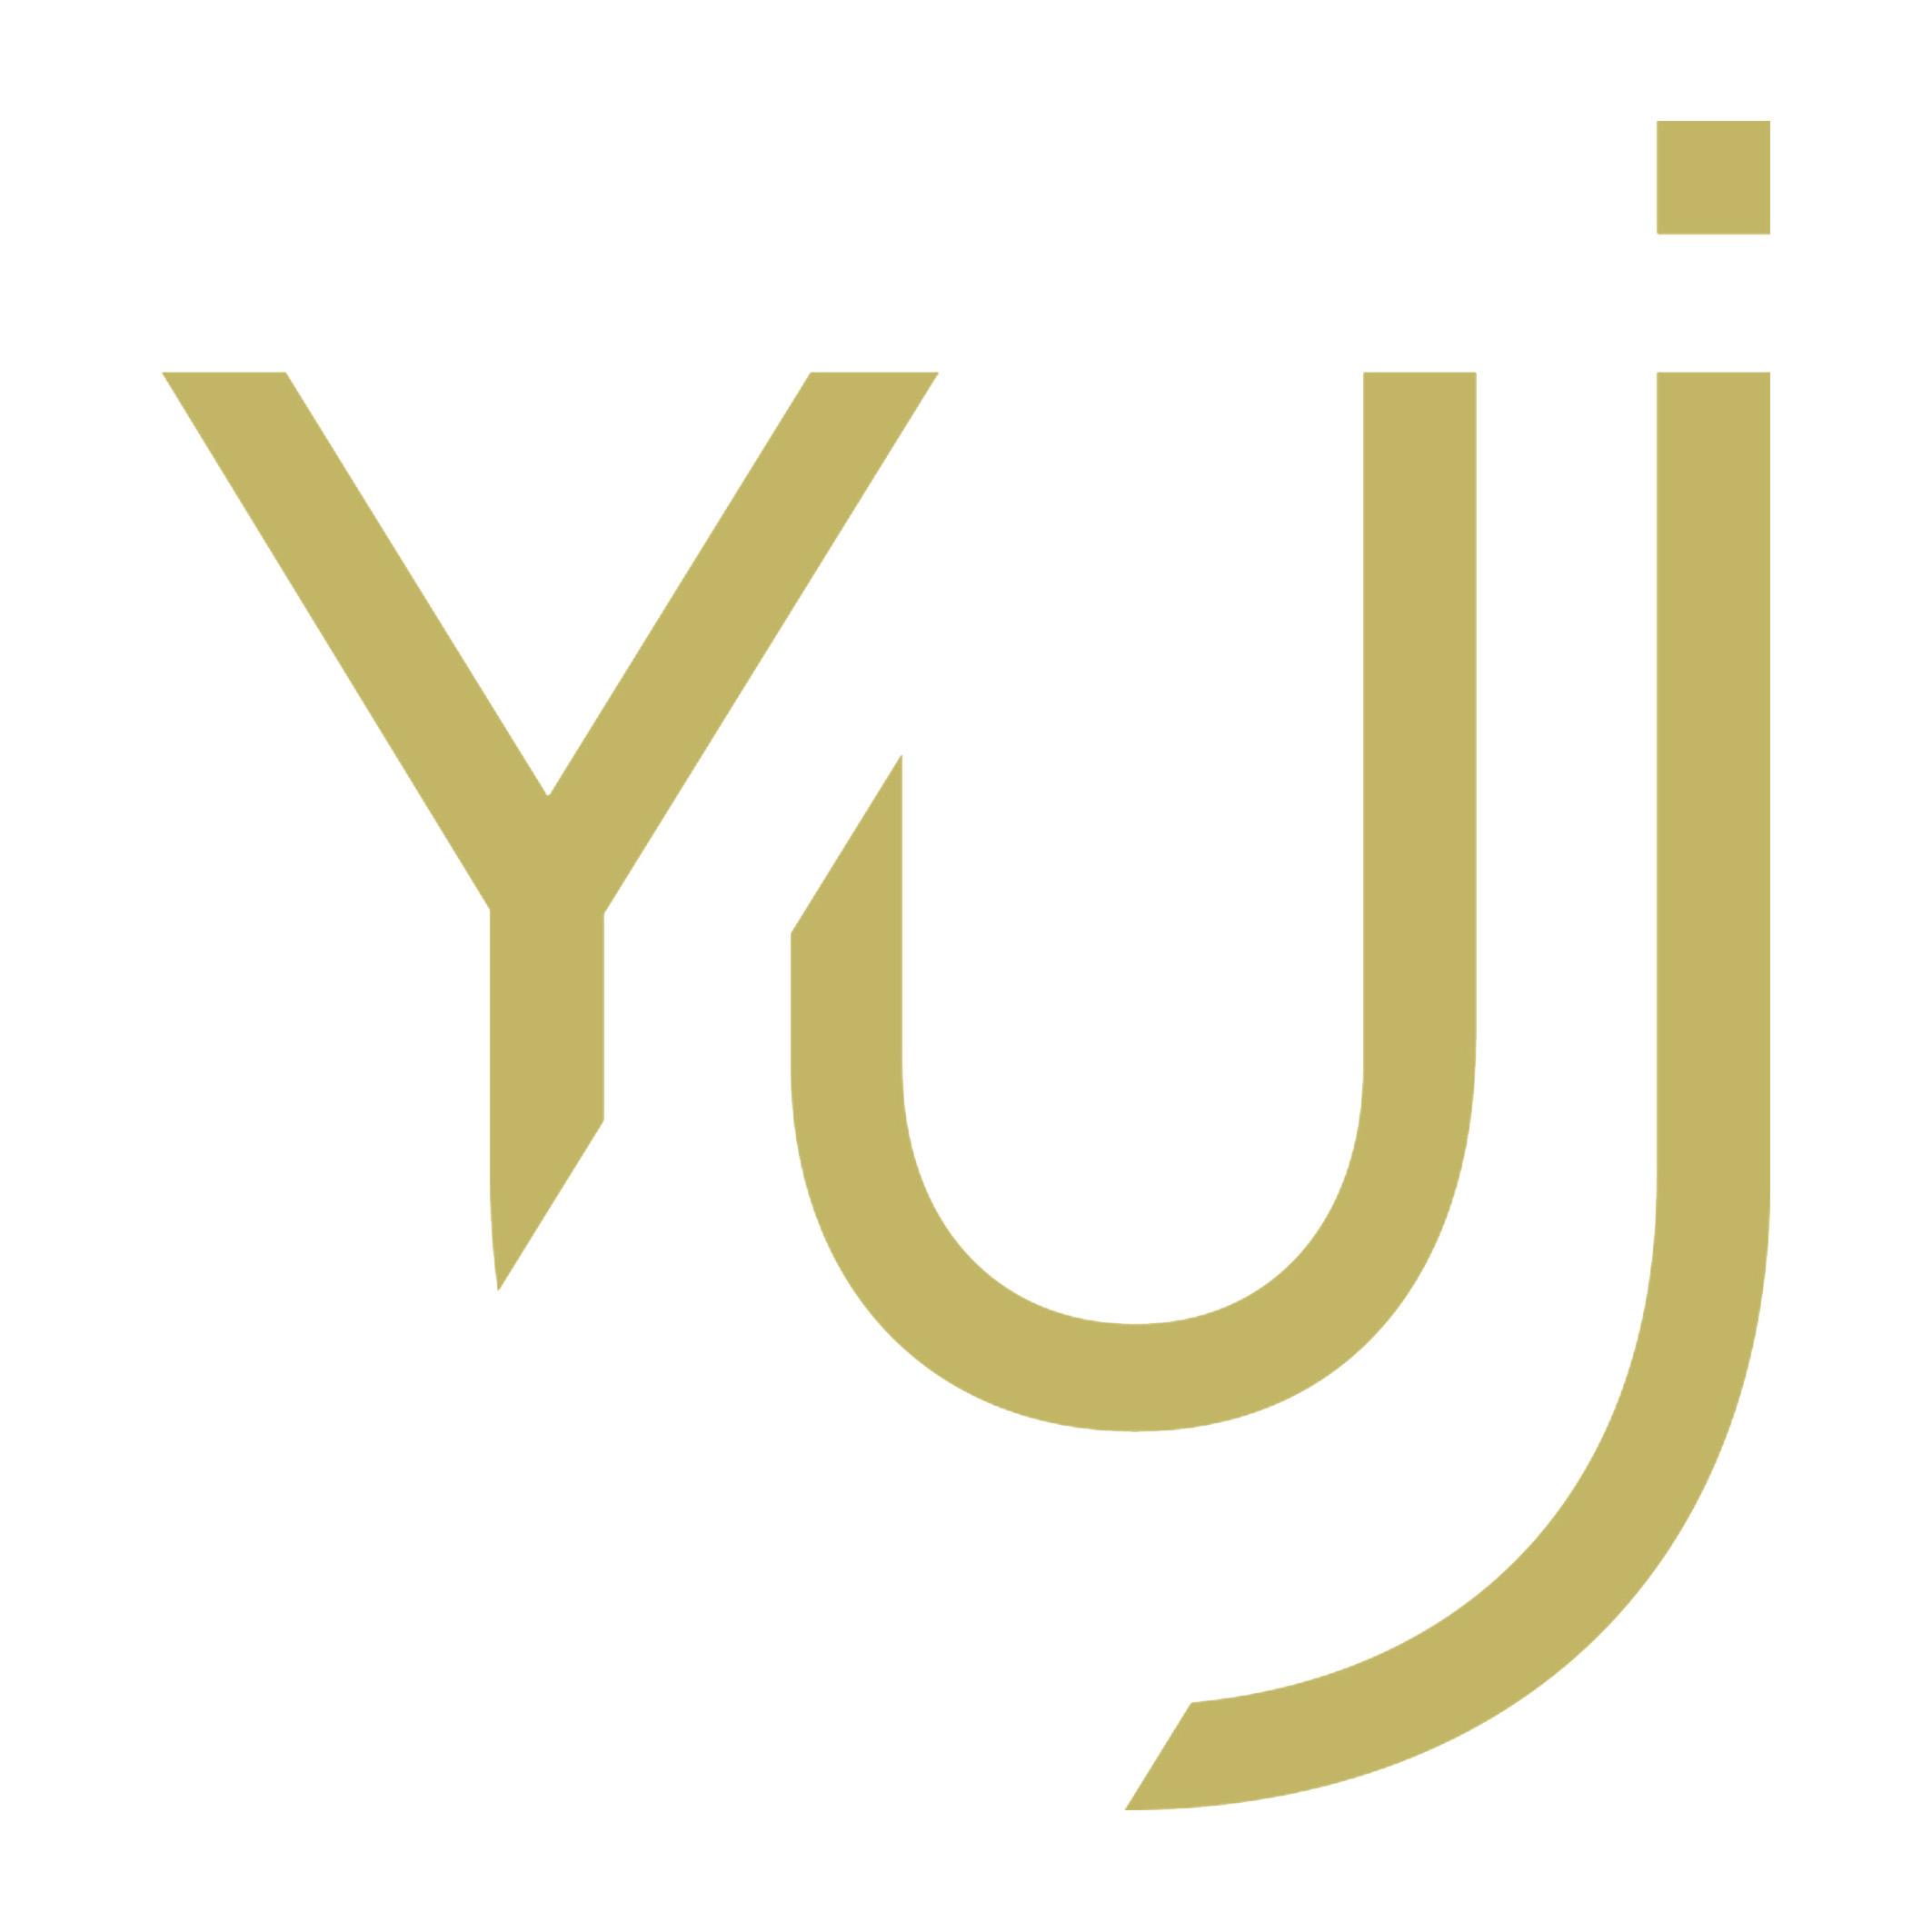 Atelier Yuj